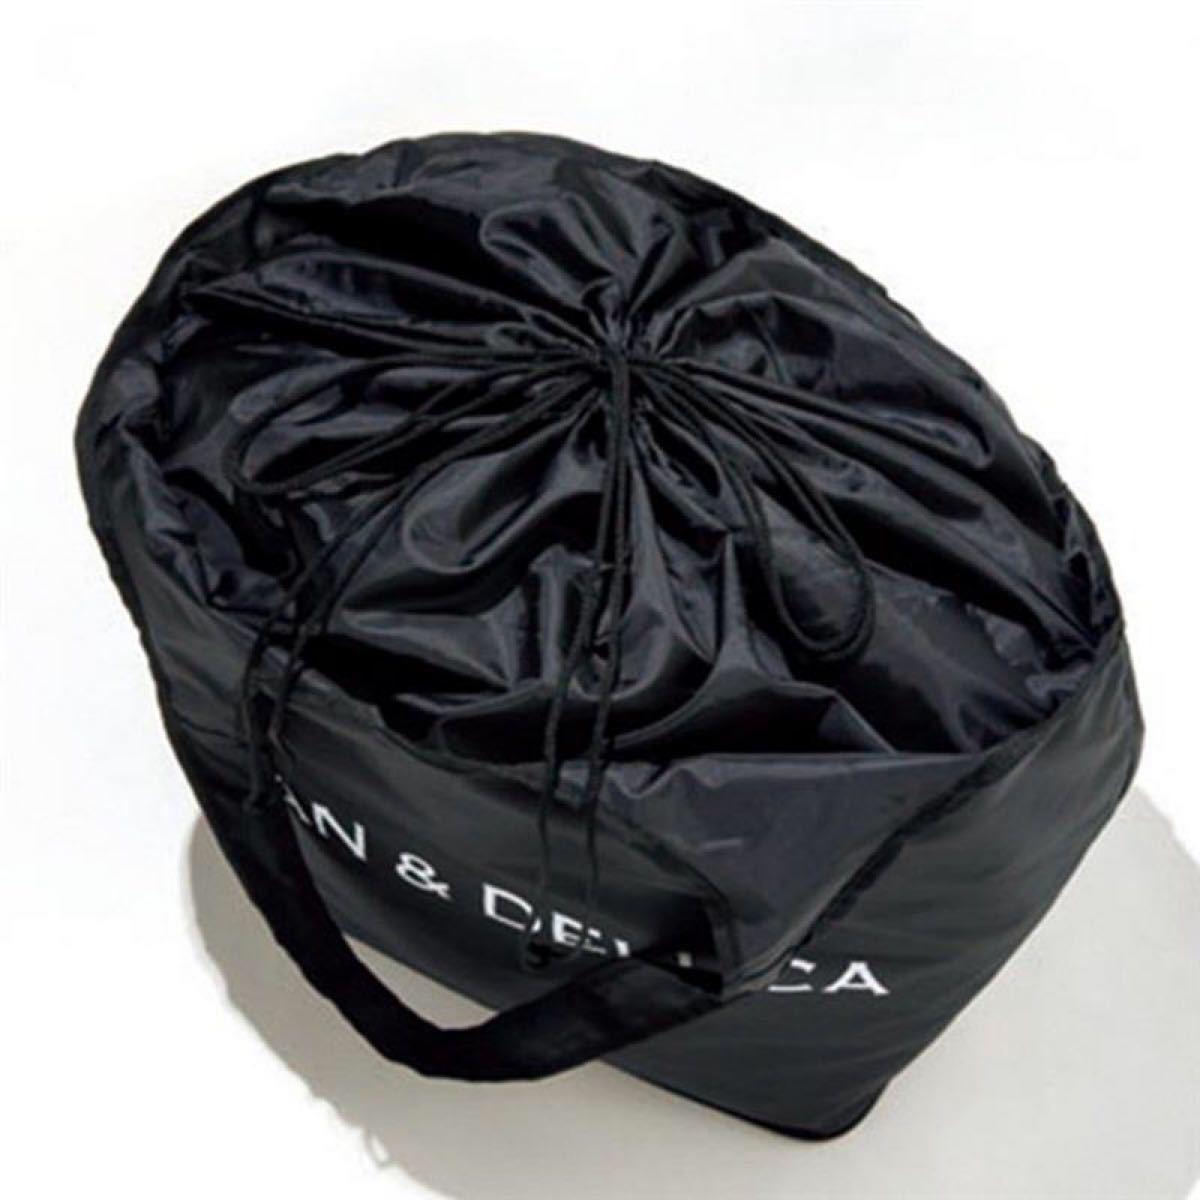 大人気DEAN&DELUCA エコバッグ レジカゴバッグ 保冷ボトルケース2点